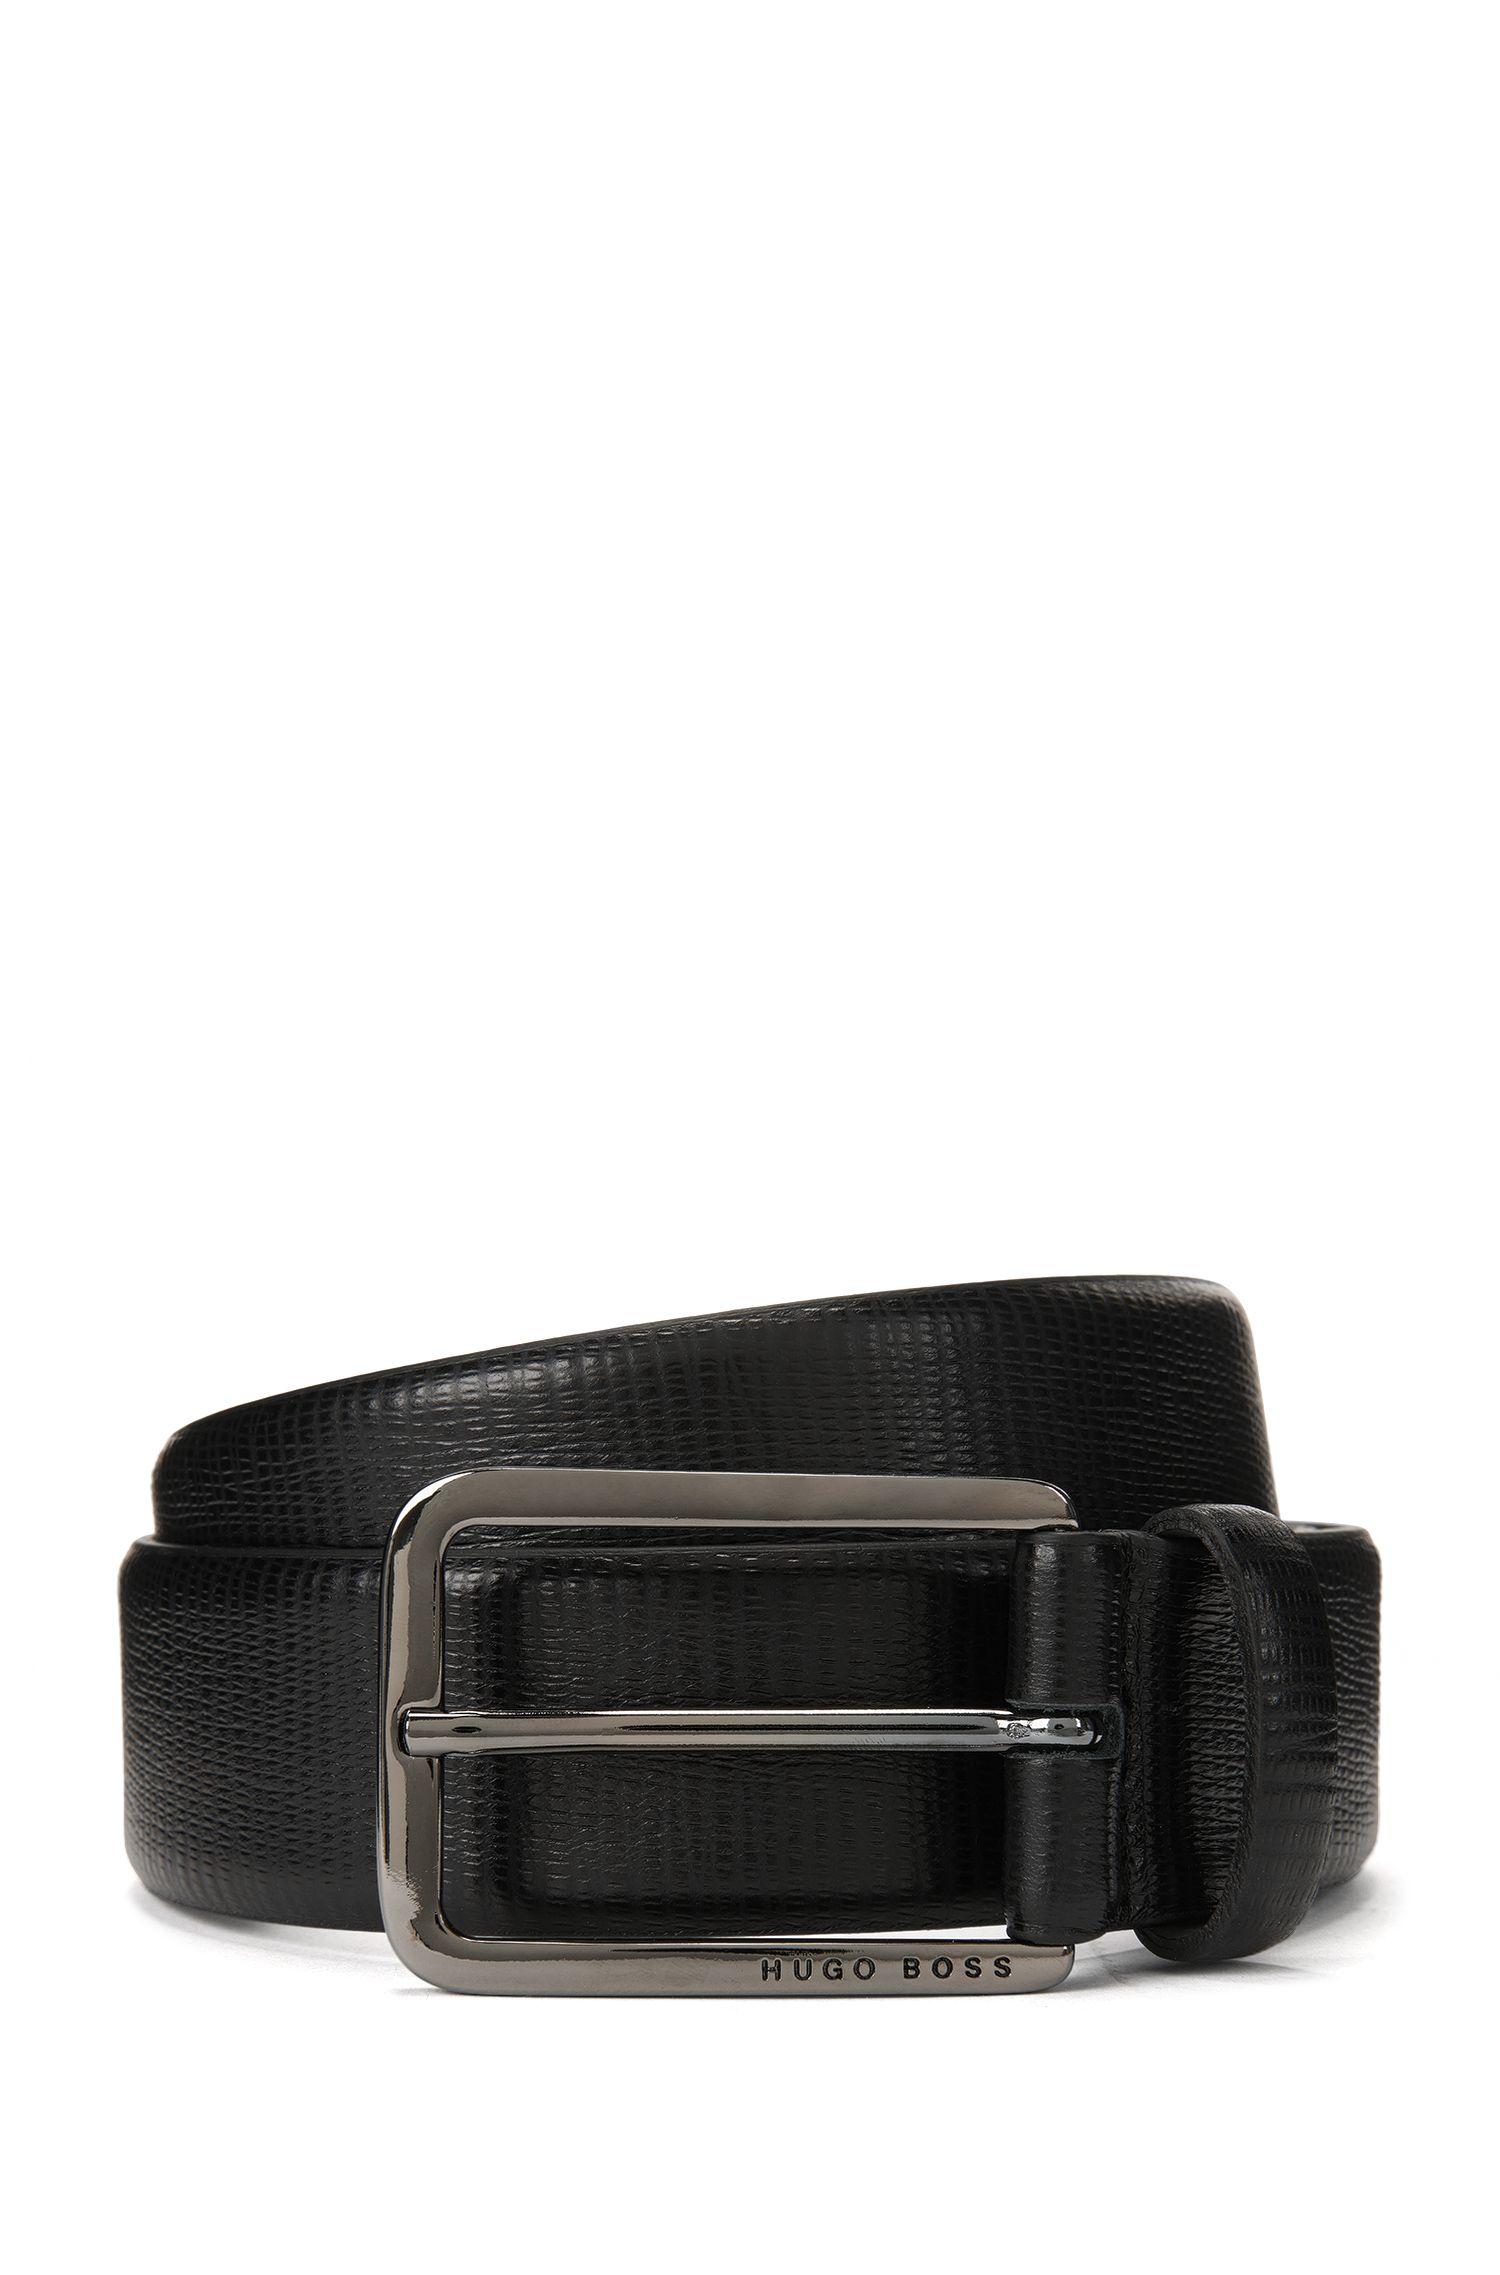 Cinturón de piel de becerro italiana con acabado grabado